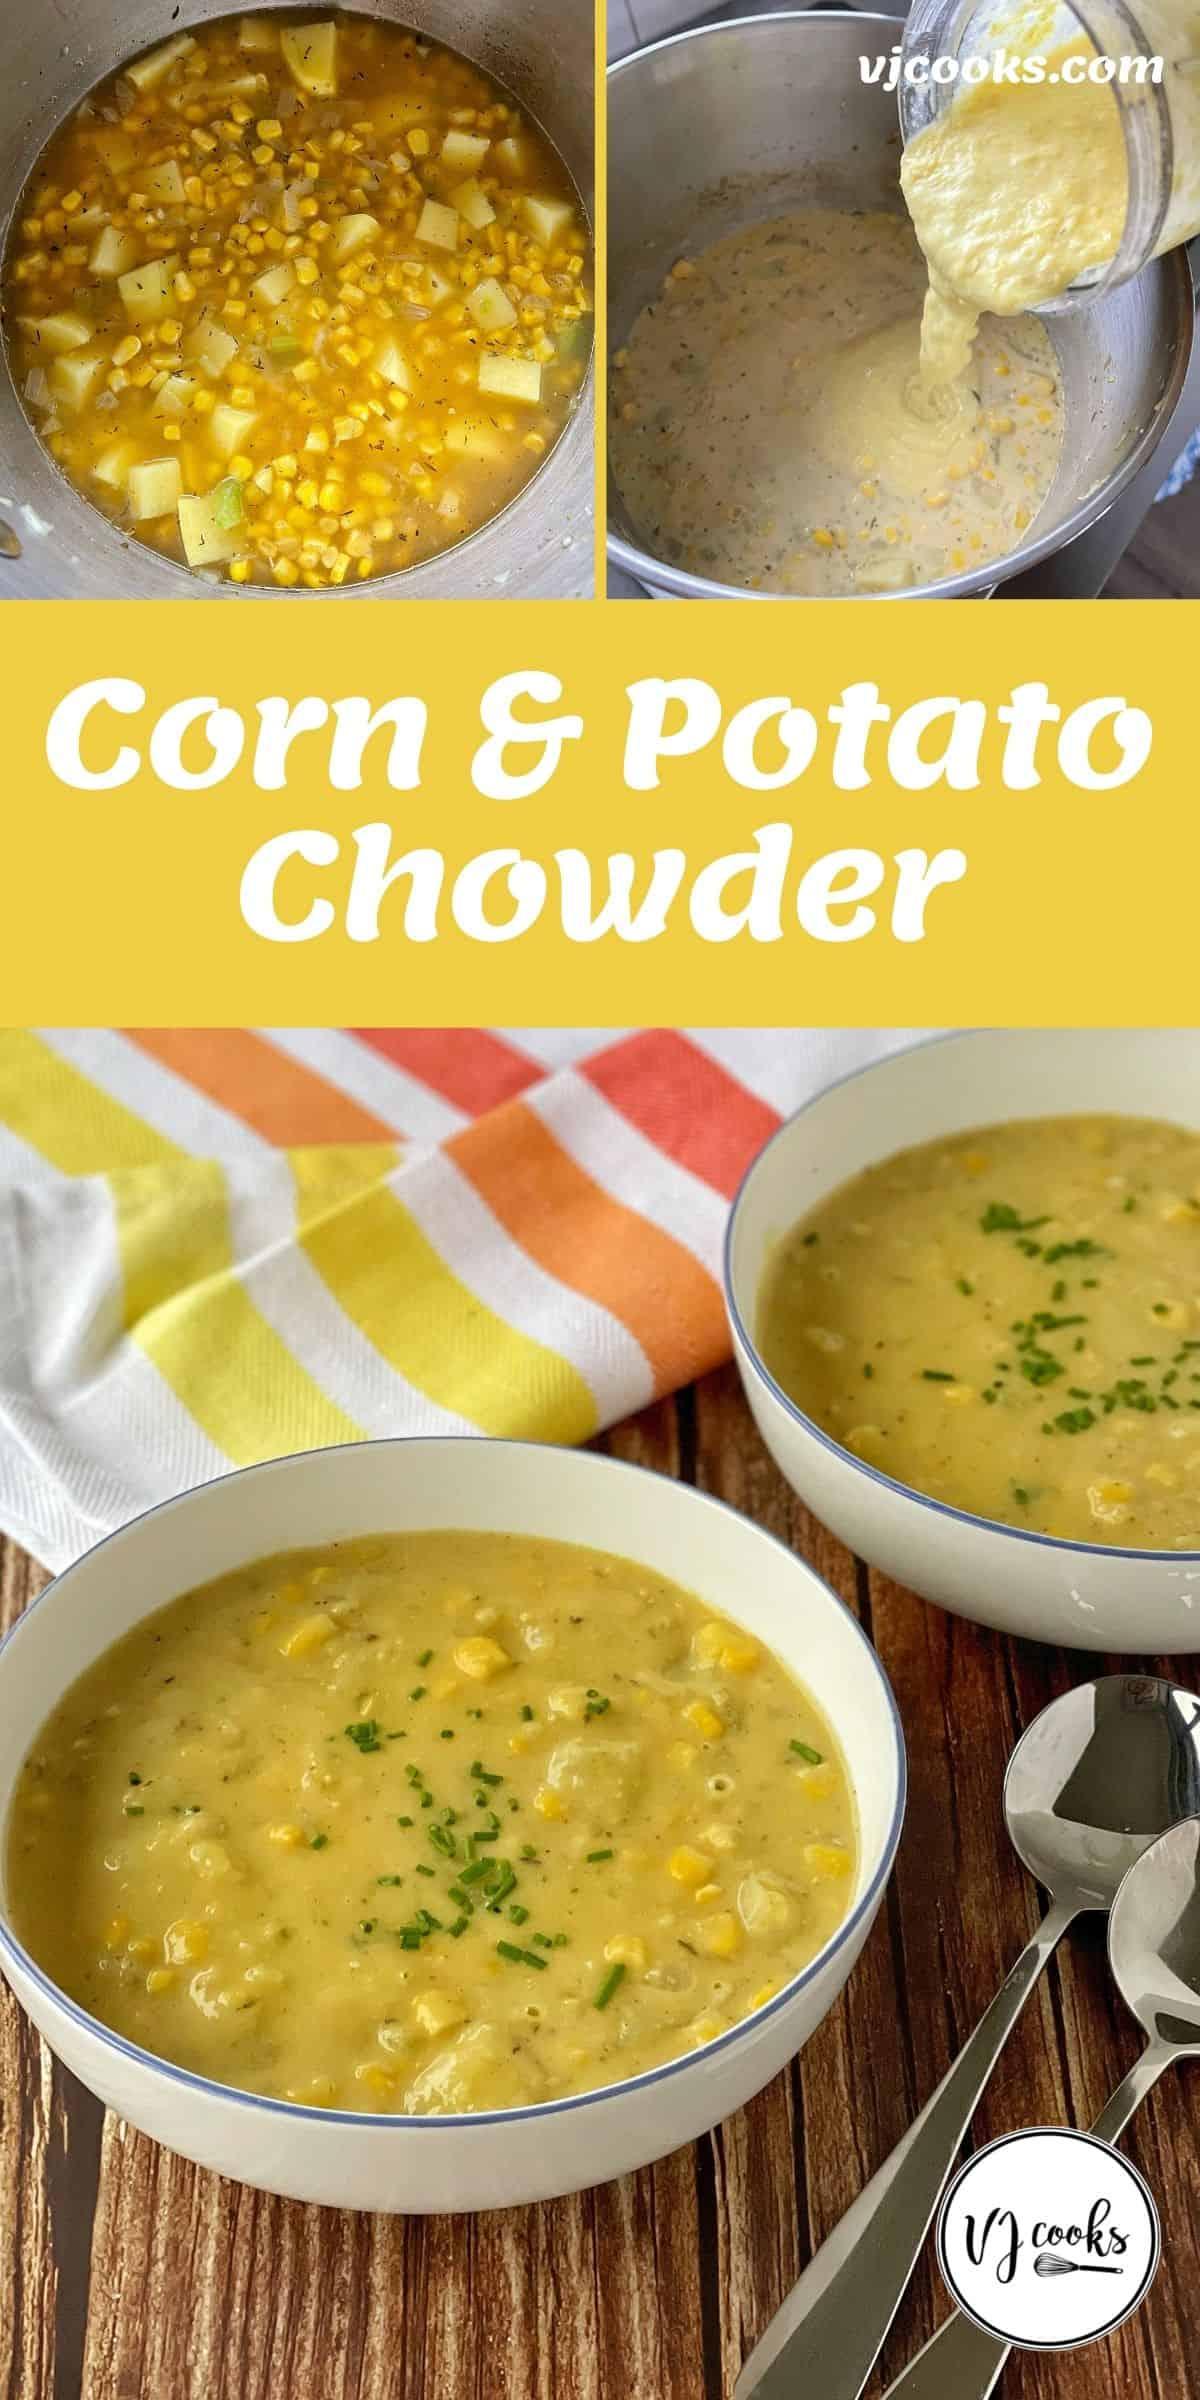 The process of making corn and potato chowder